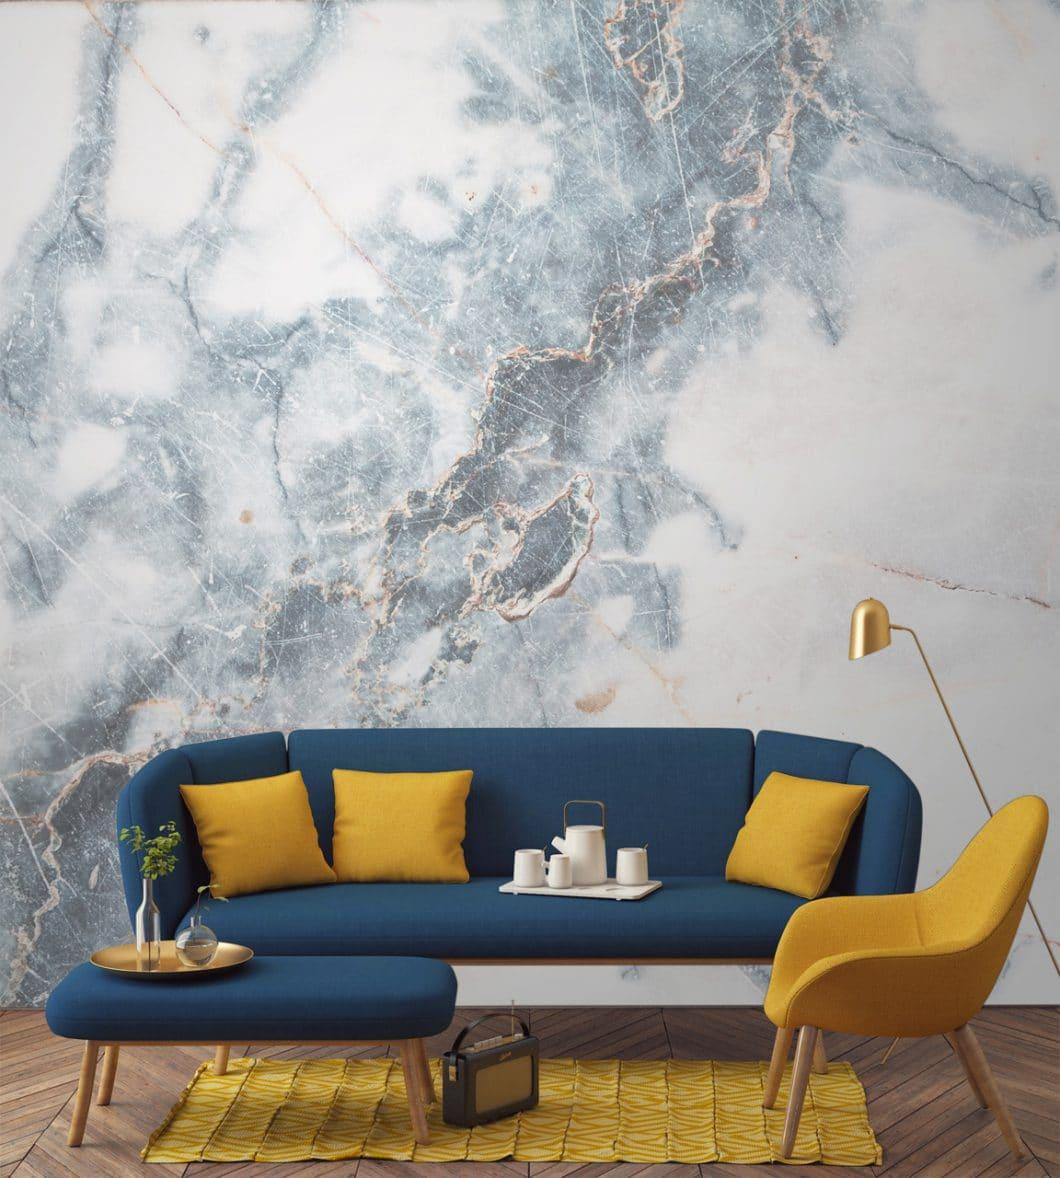 Foto: Designmilk, muralswallpapers.co.uk, mable 3d